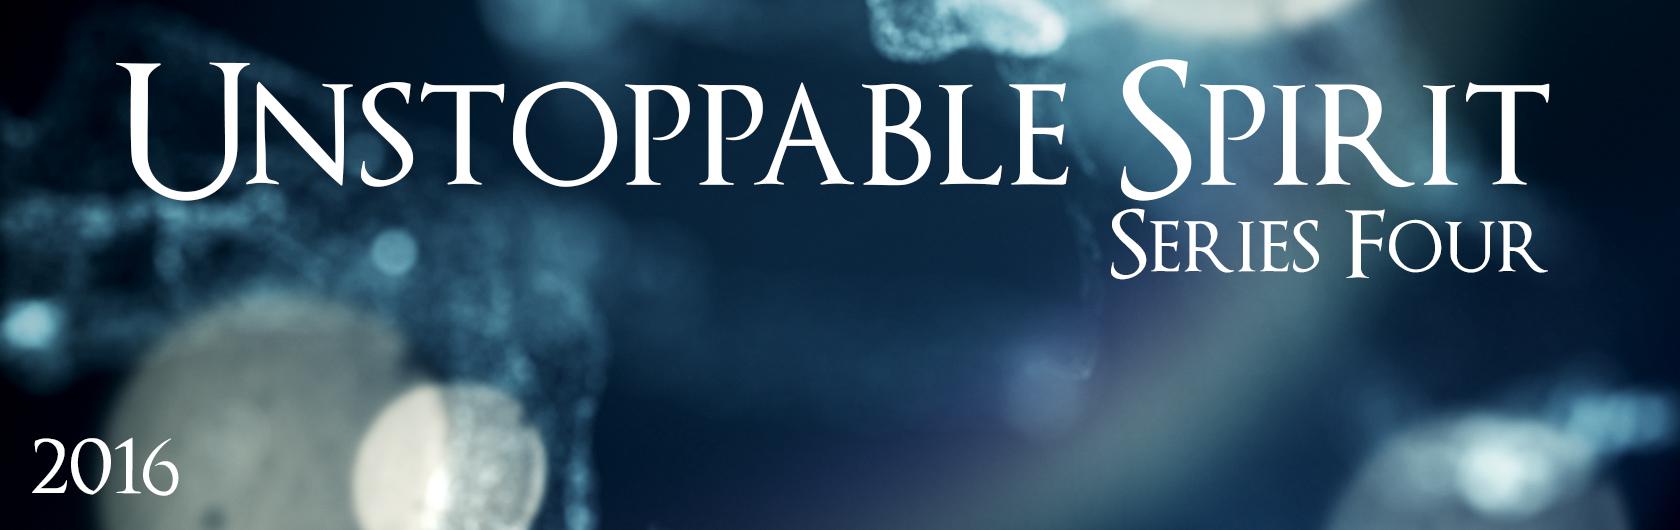 unstoppable-spirit-web-banner